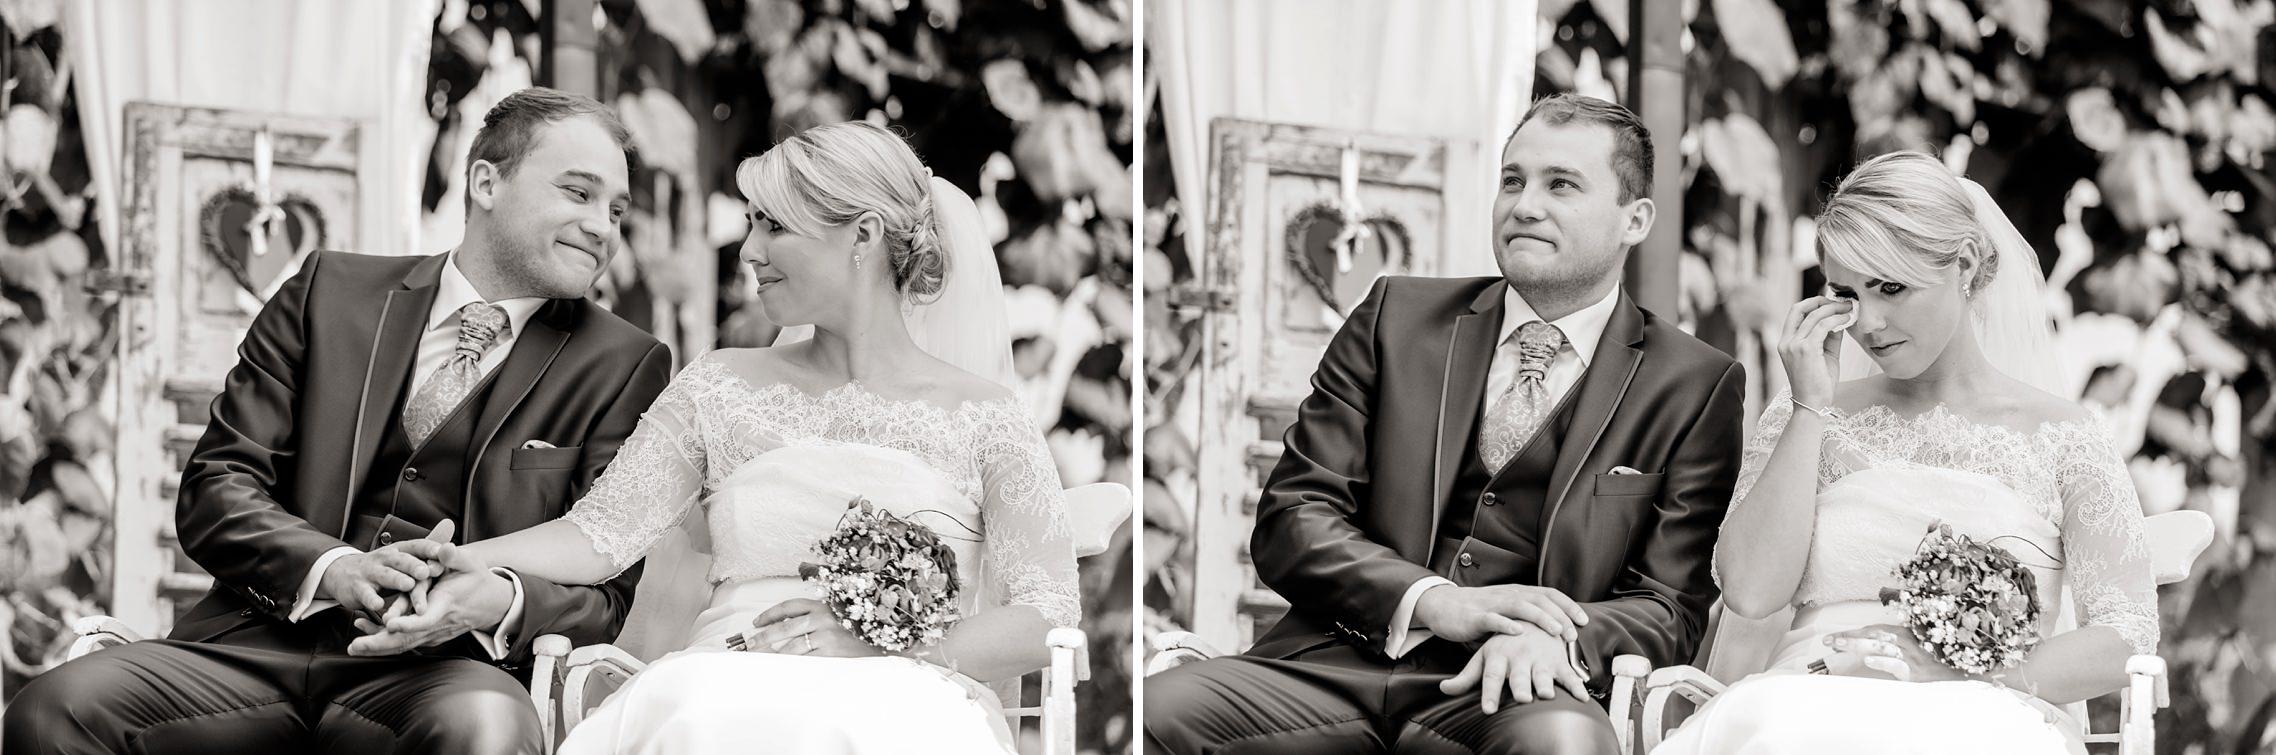 Die Braut wird von ihren Emotionen während der Freien Trauung übermannt und kann kaum ihre Tränen zurückhalten.